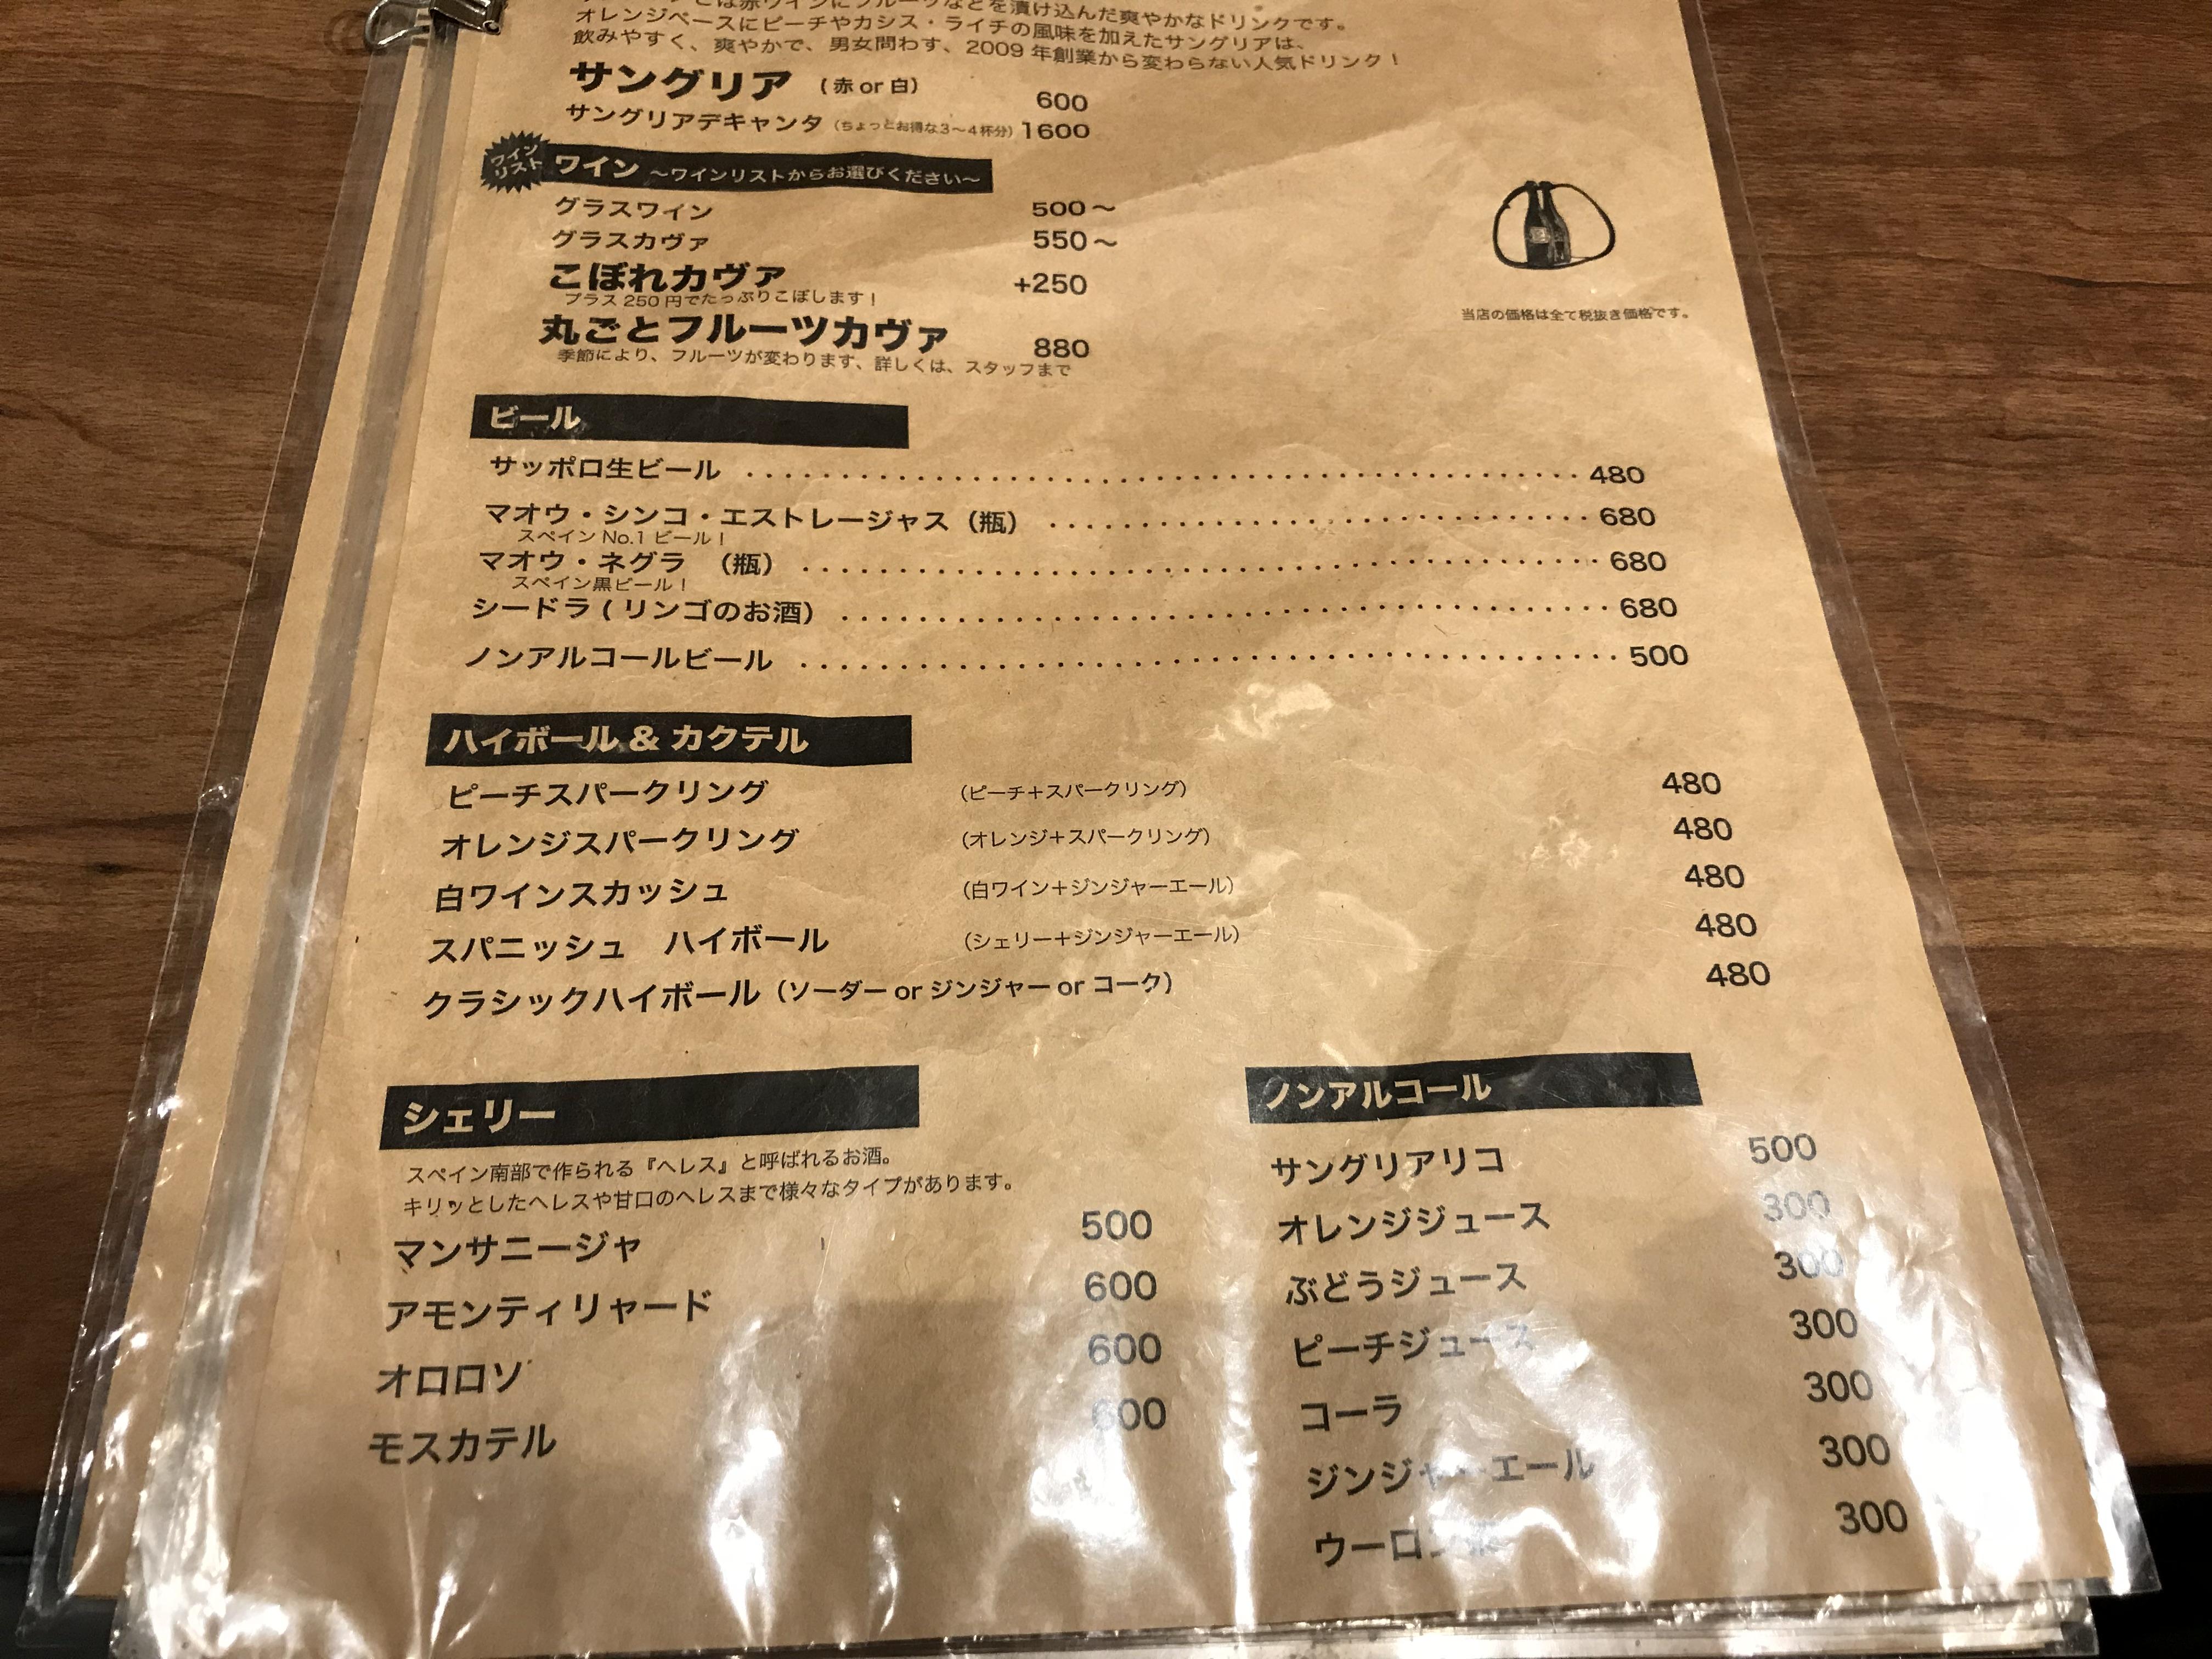 gyokuro-menu3